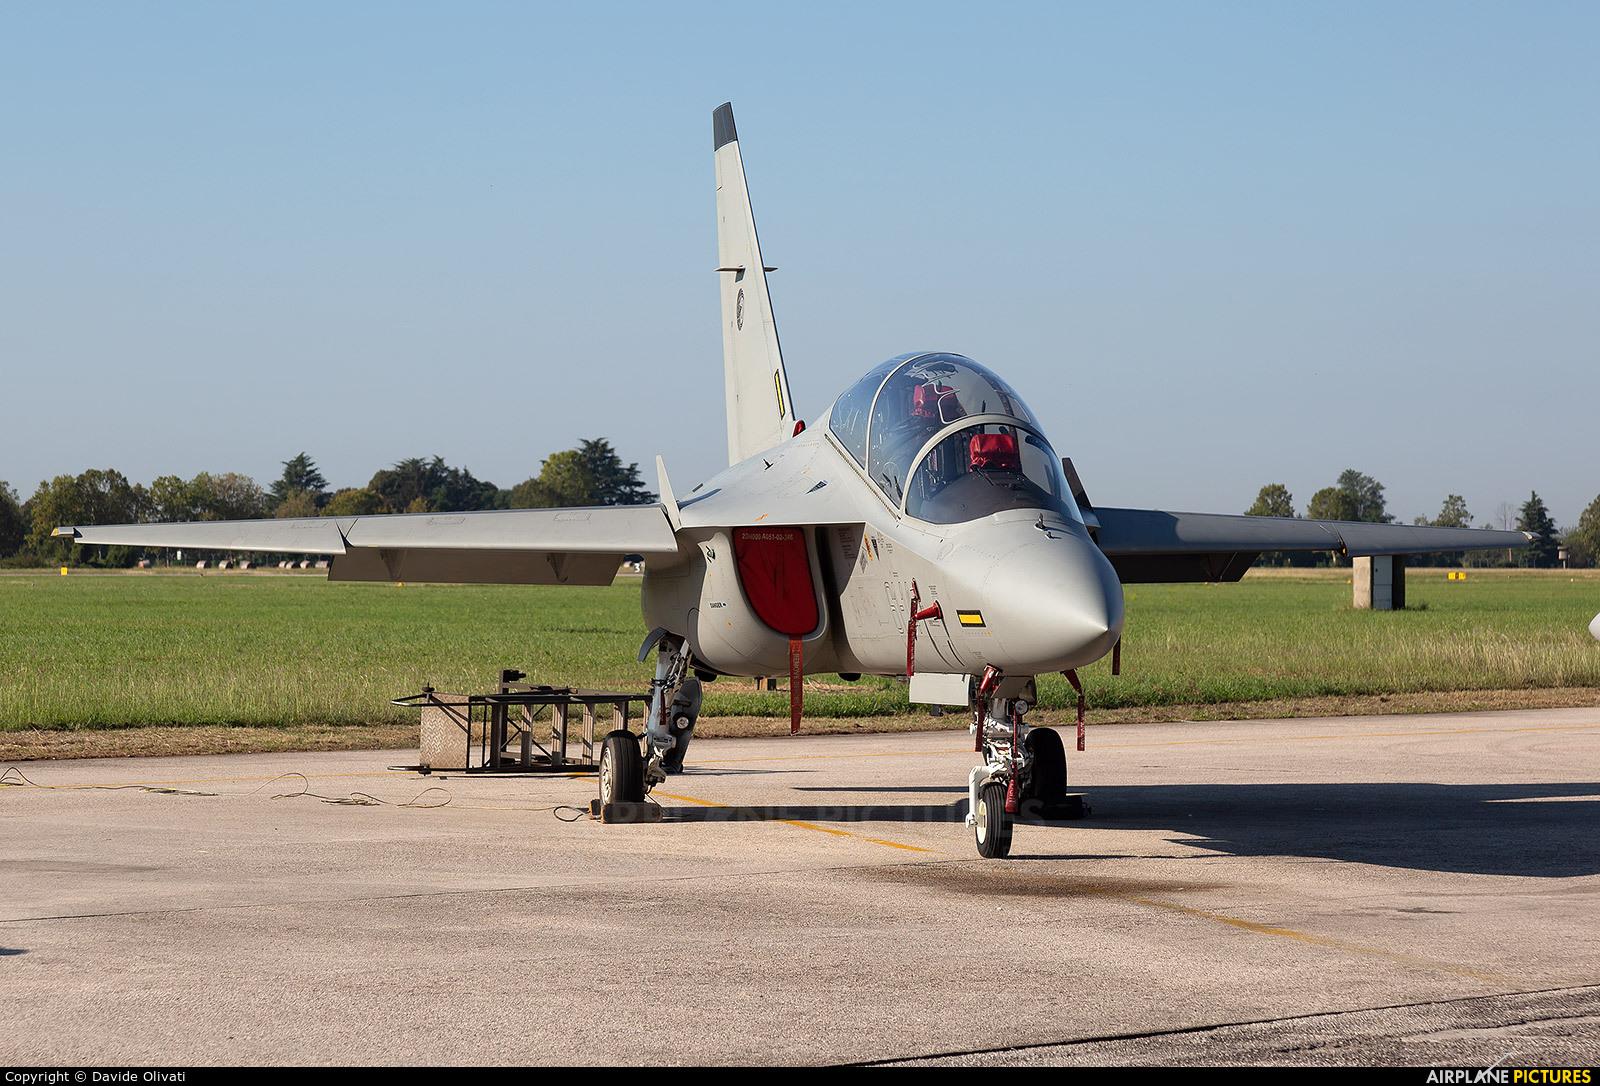 Italy - Air Force MM55218 aircraft at Treviso - Istrana